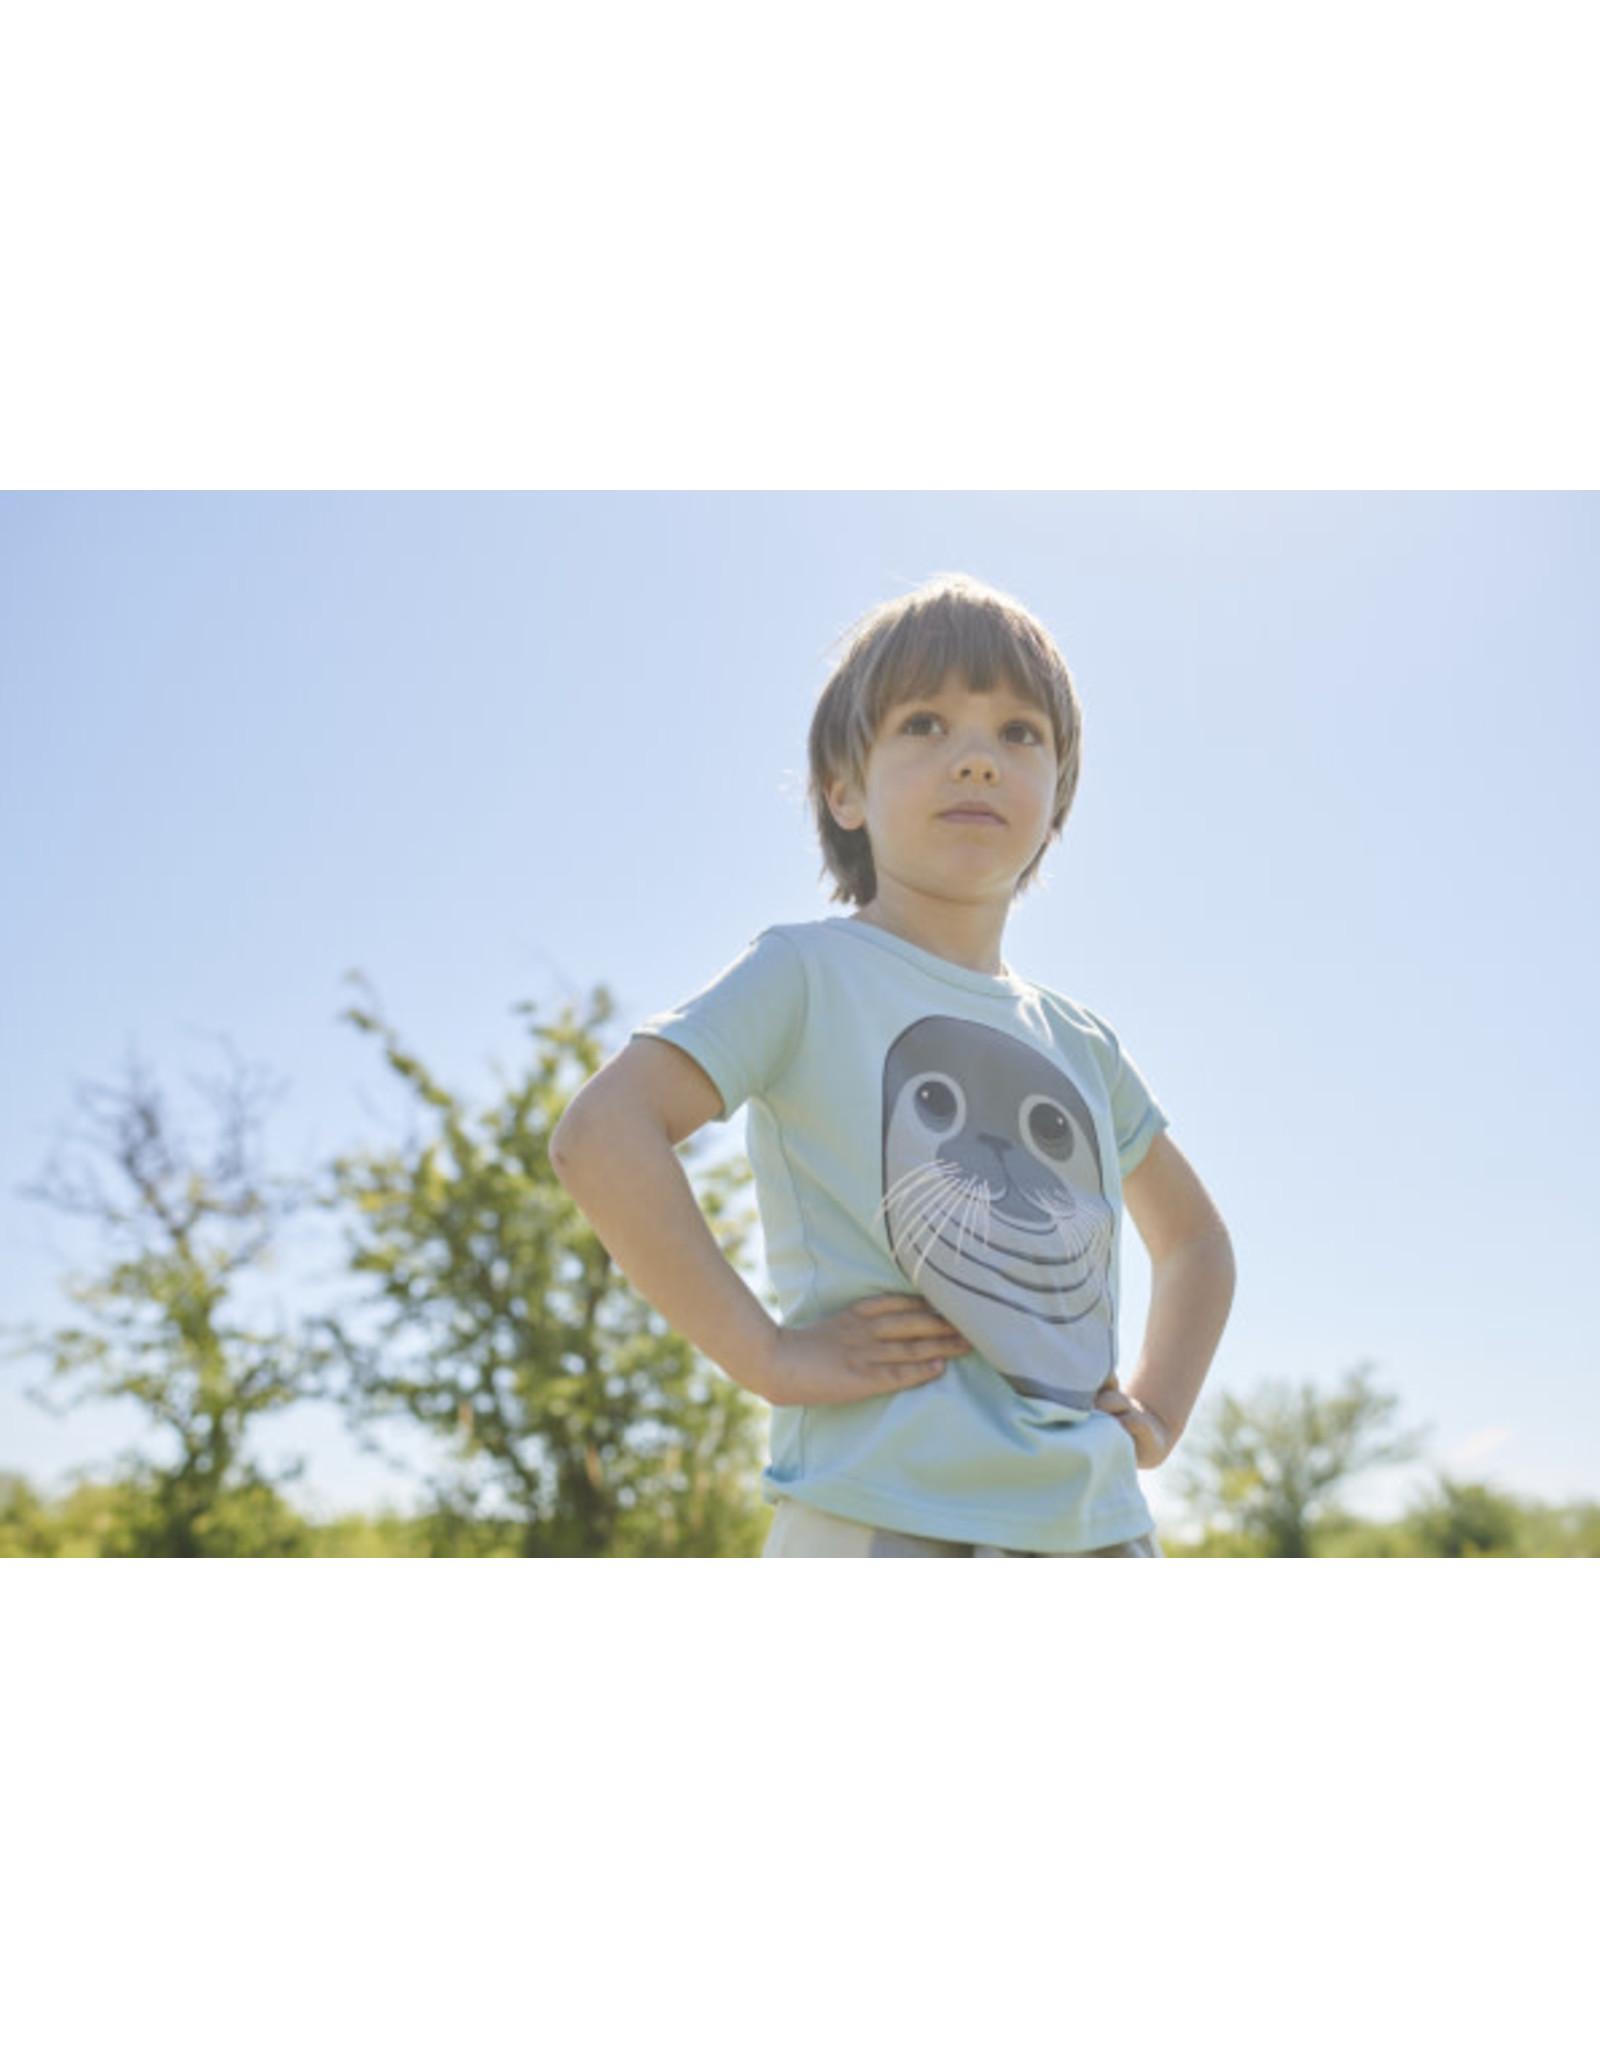 Dyr Lichtblauwe t-shirt van Dyr met zeehond - LAATSTE MAAT 4Y